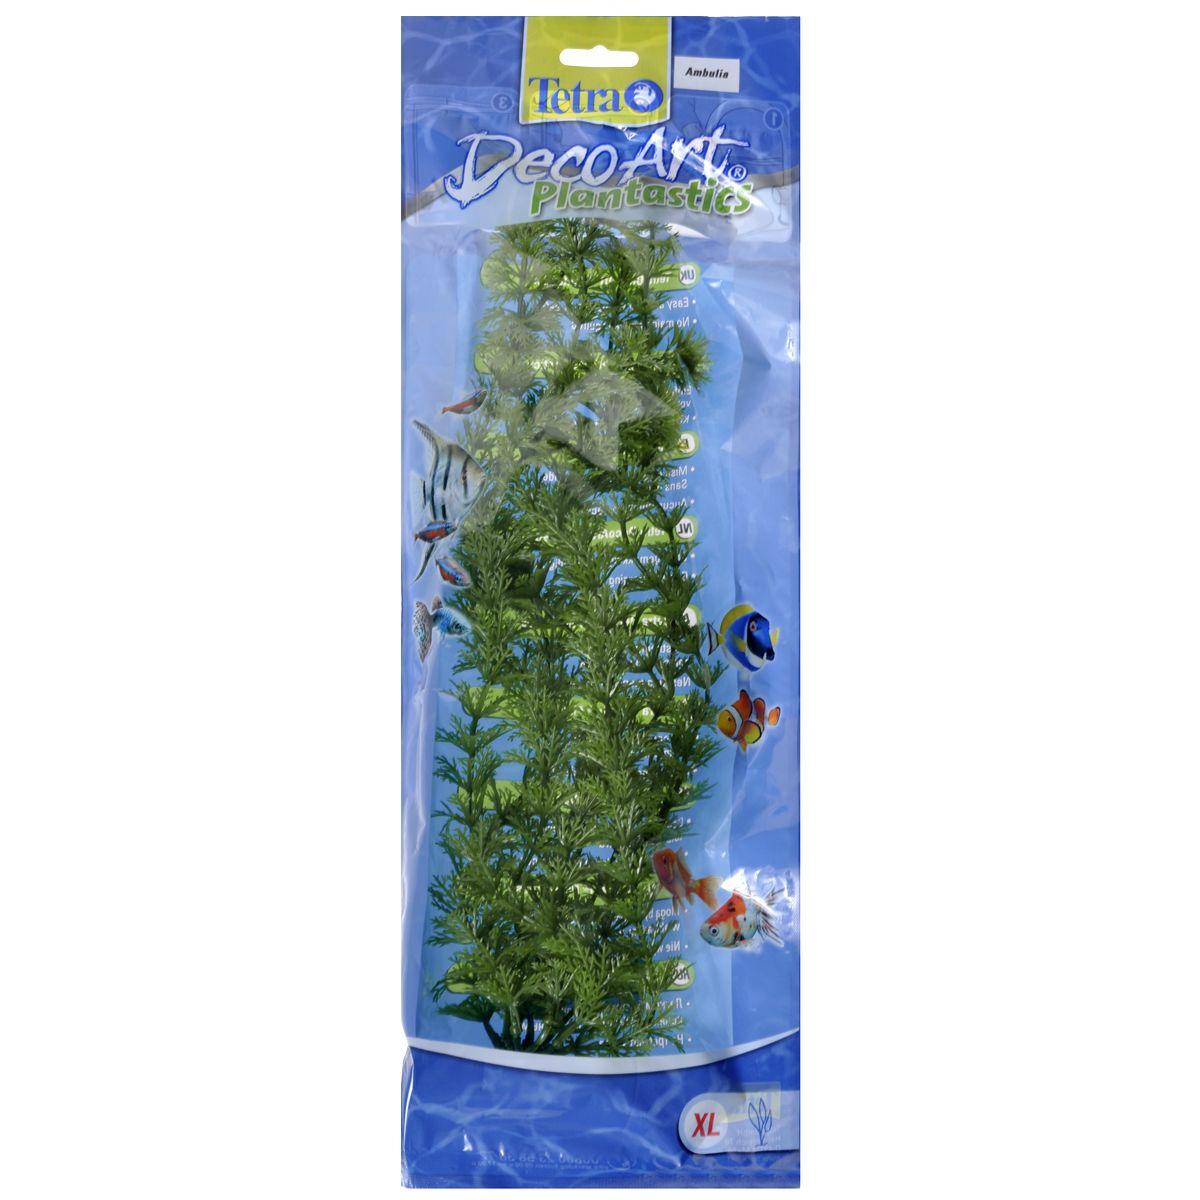 Растение искусственное Tetra Plantastics Амбулия, в ассортименте,